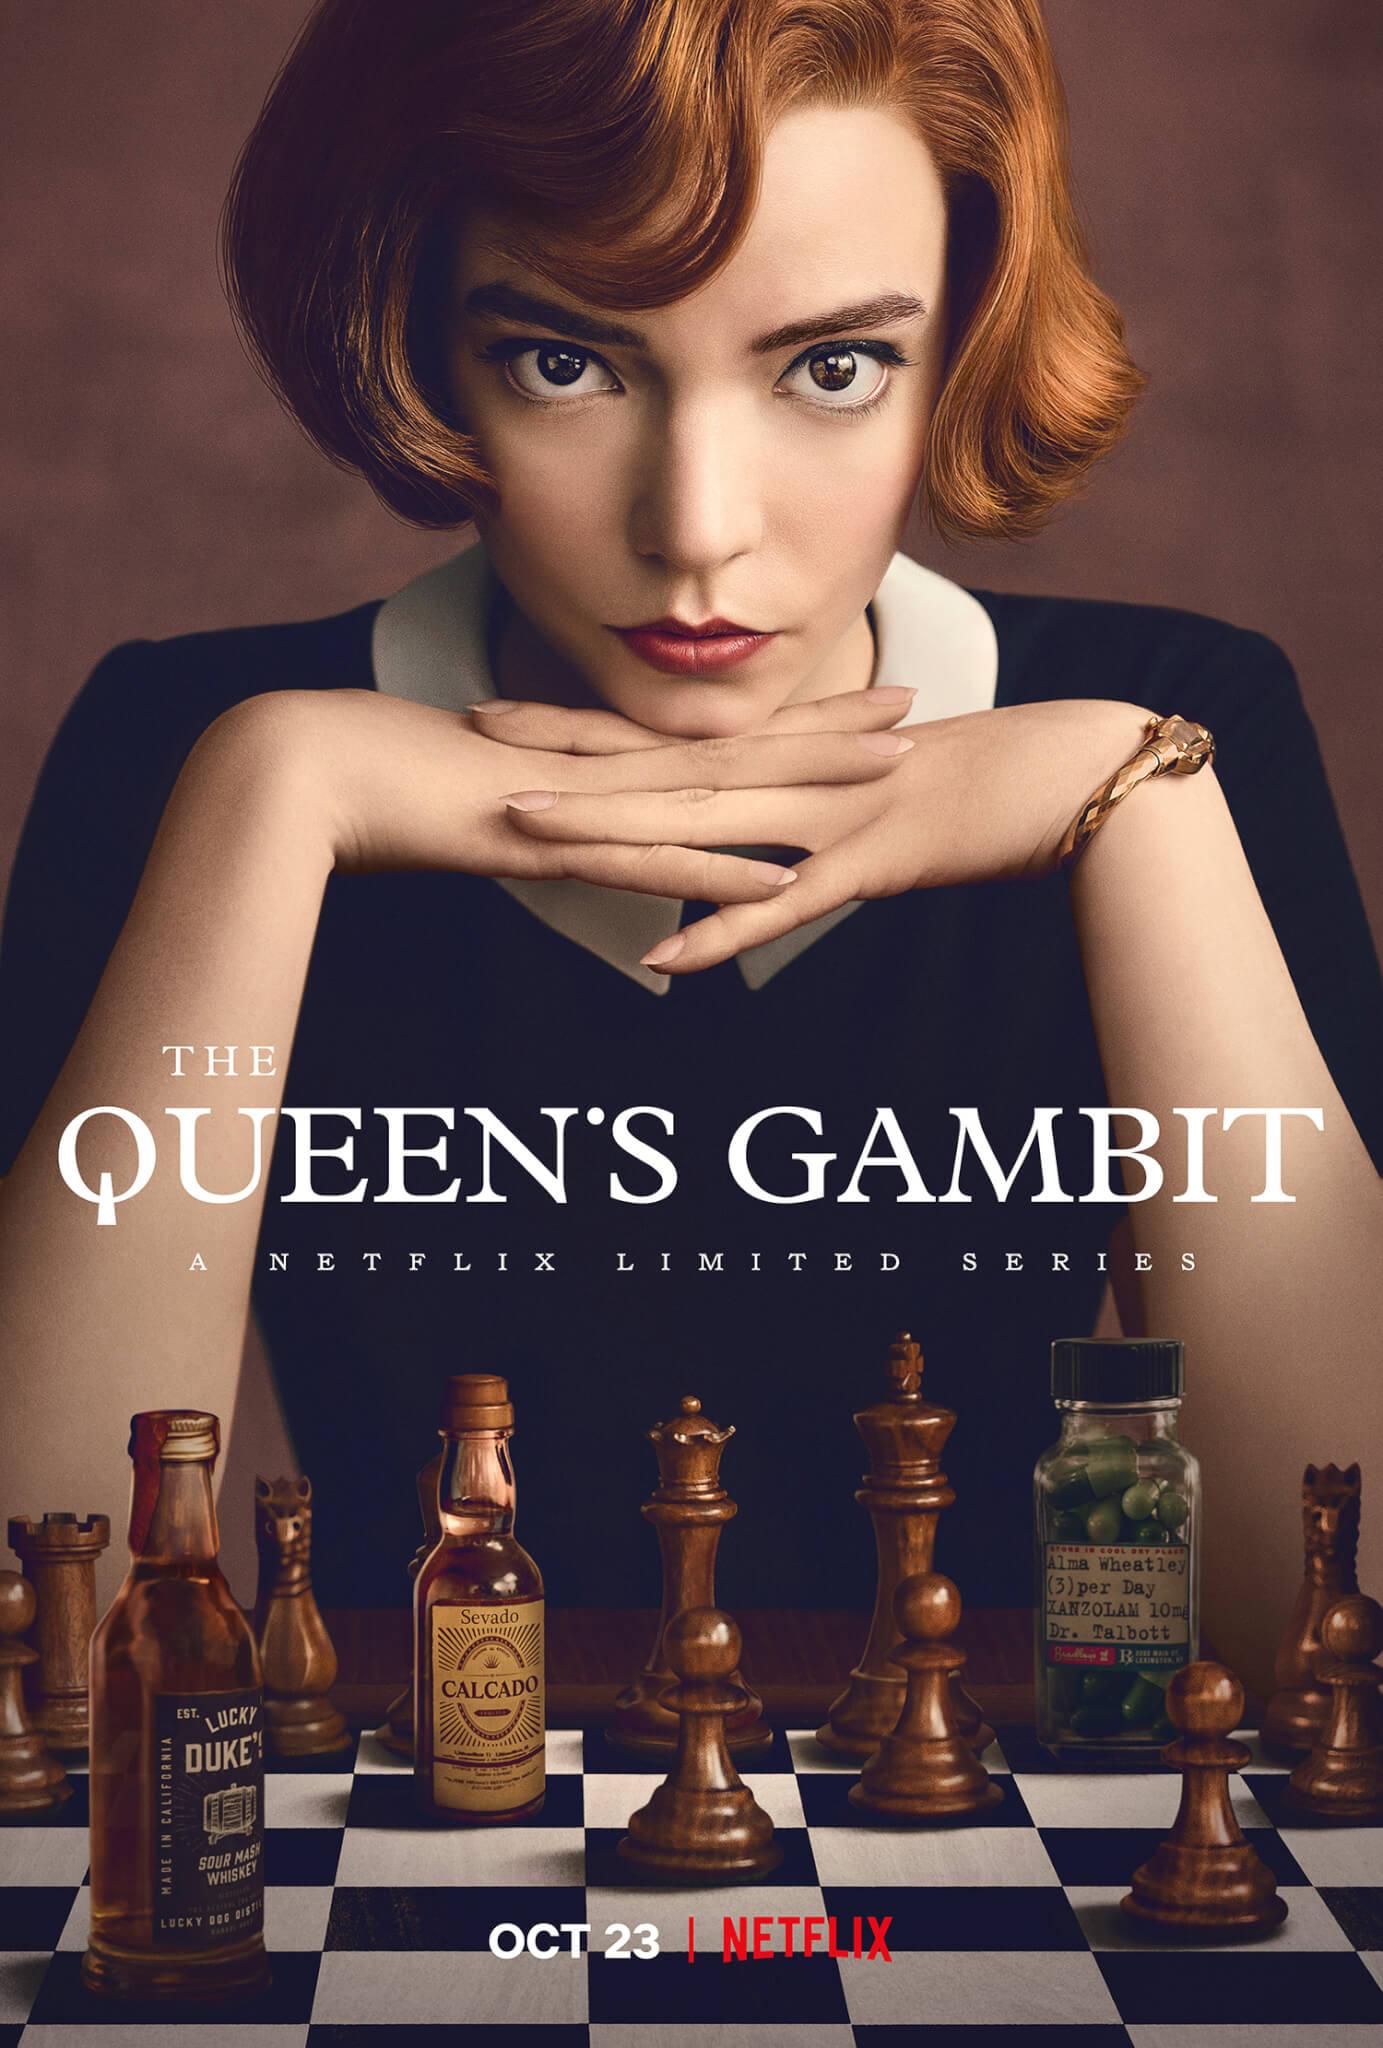 the_queens_gambit_00